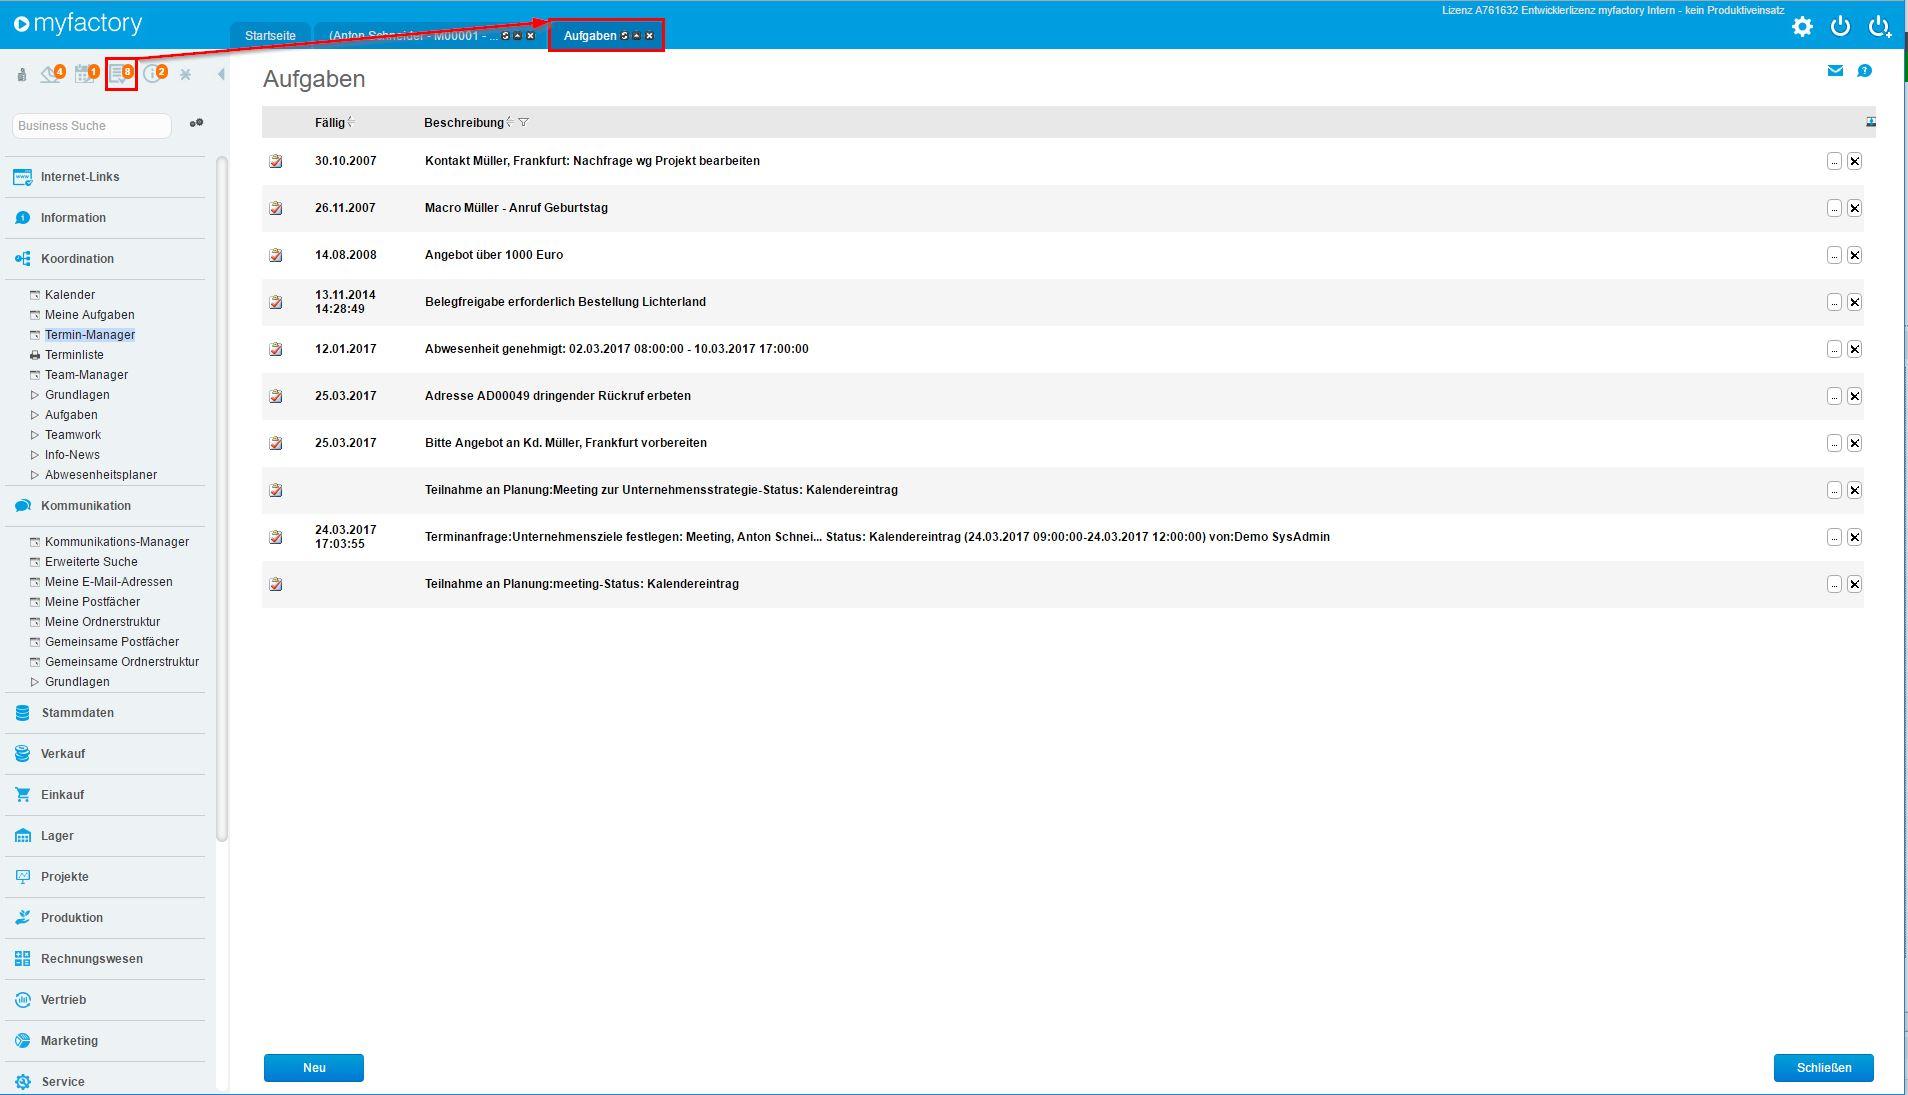 Schnellstartbereich (E-Mail, Aufgaben, Termine, Info-News) 2